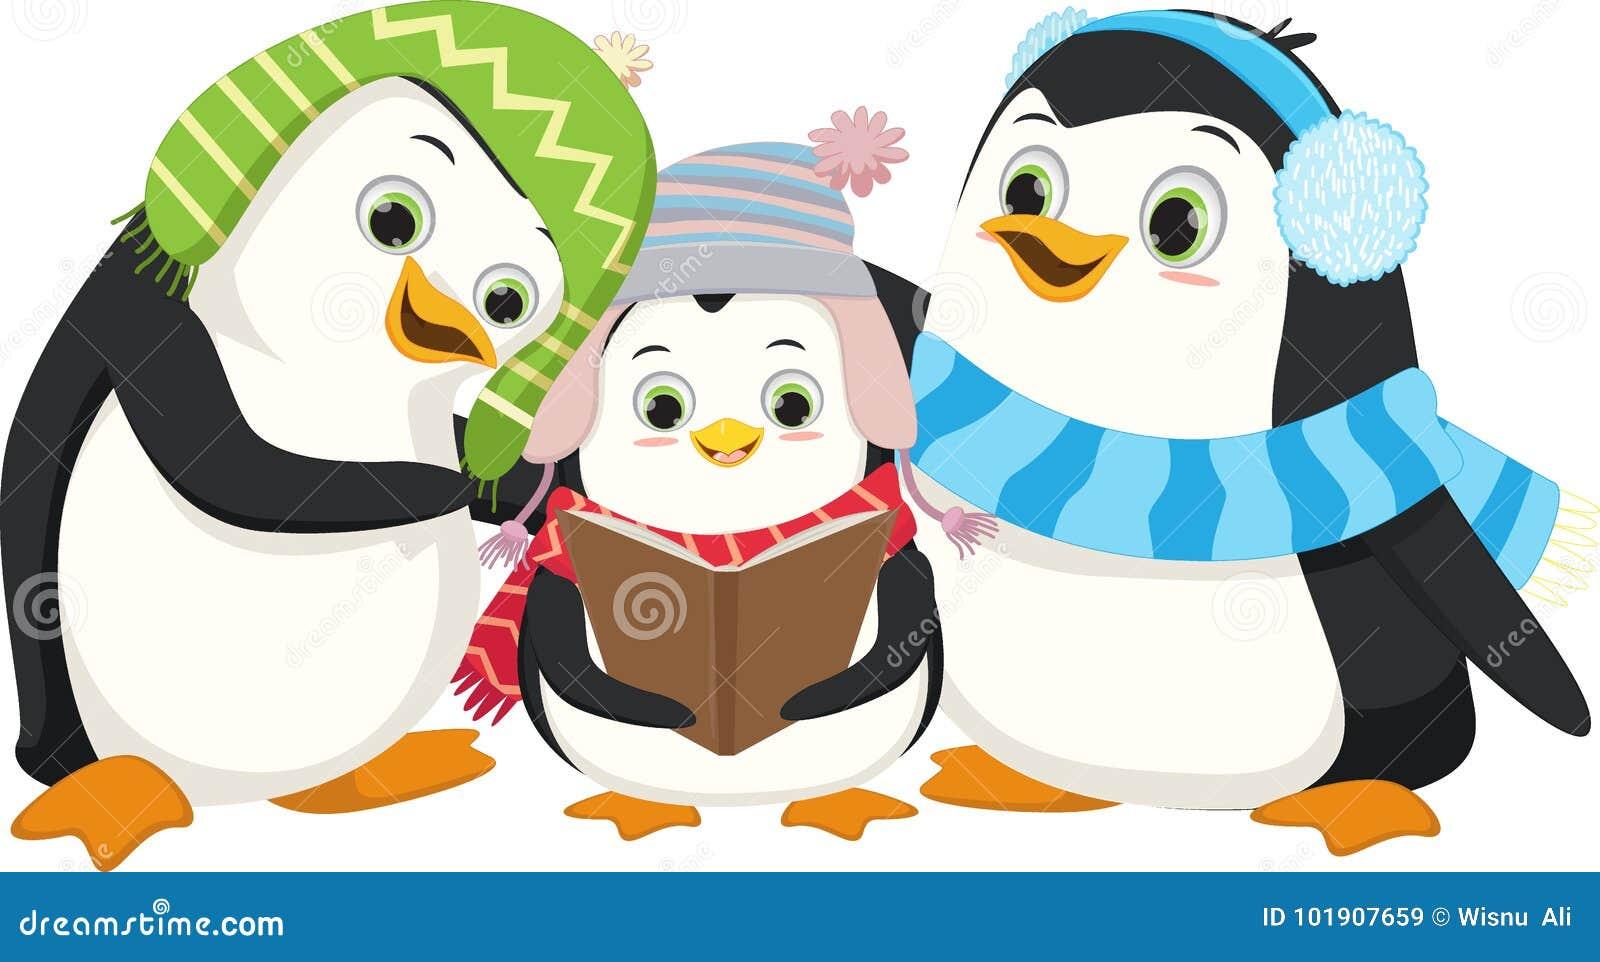 Nette Pinguine, Die Weihnachten Carol Singen Vektor Abbildung ...